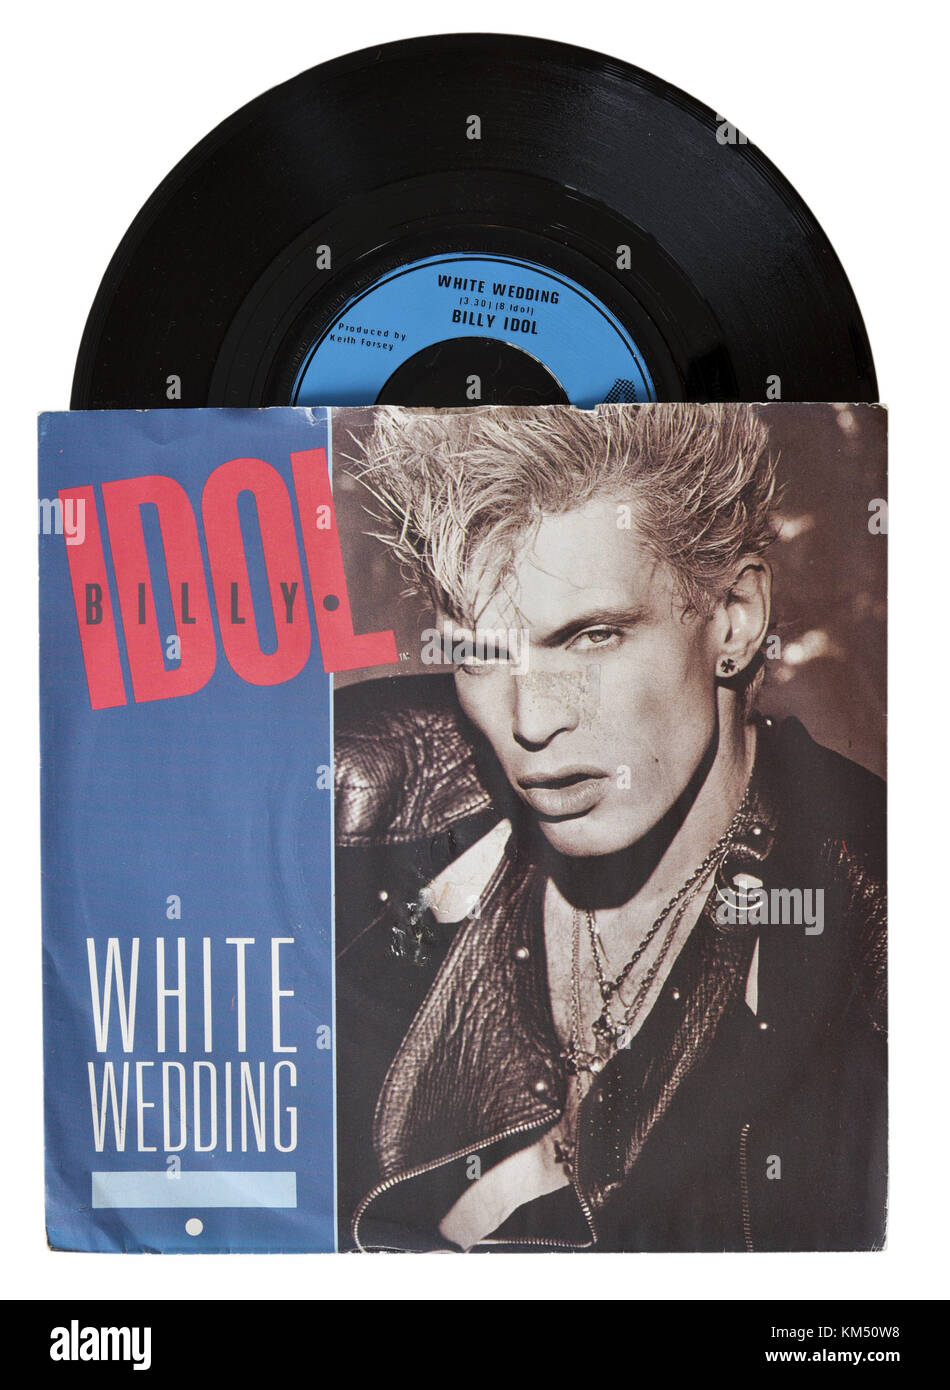 White Wedding Billy Idol.Billy Idol White Wedding Seven Inch Single Stock Photo